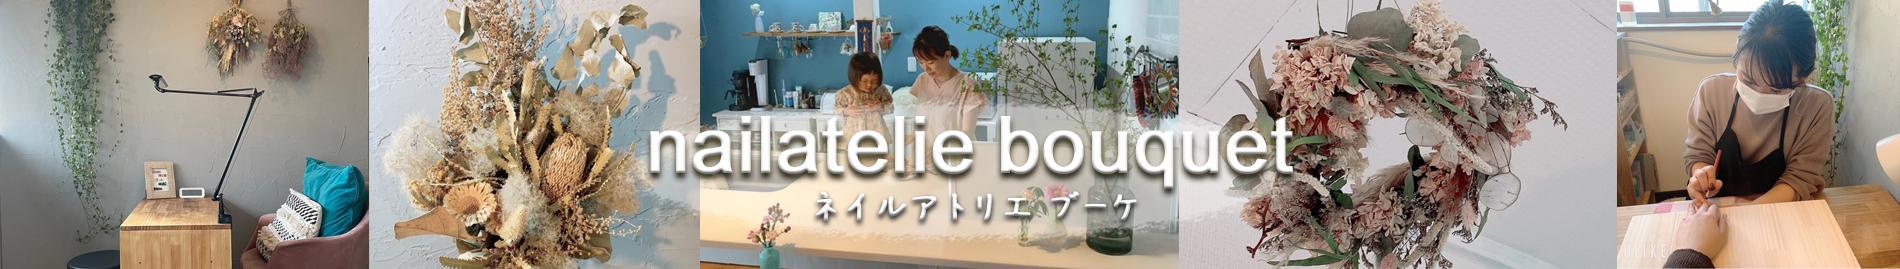 nail atelier bouquet